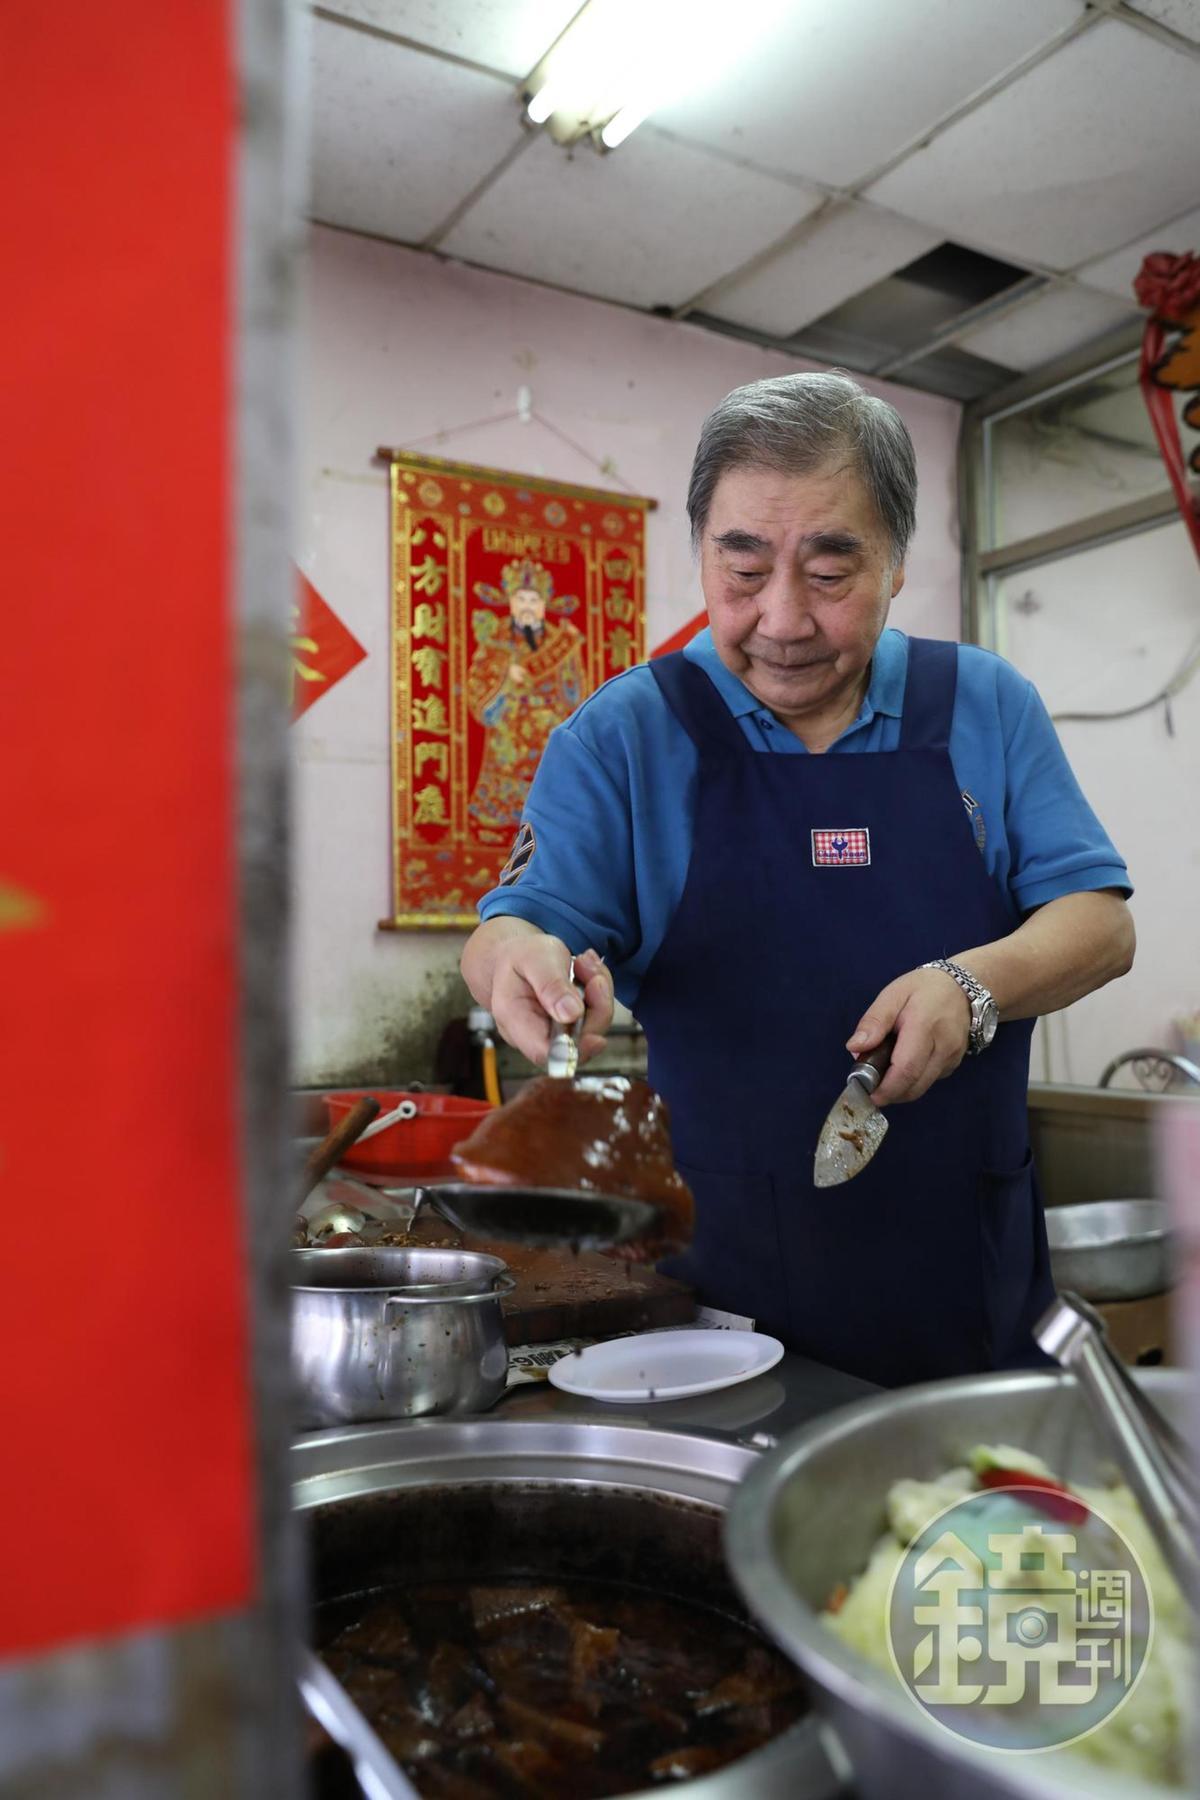 老闆于家興滷豬腳沒拜師,全靠自學,滷煮功夫一流。